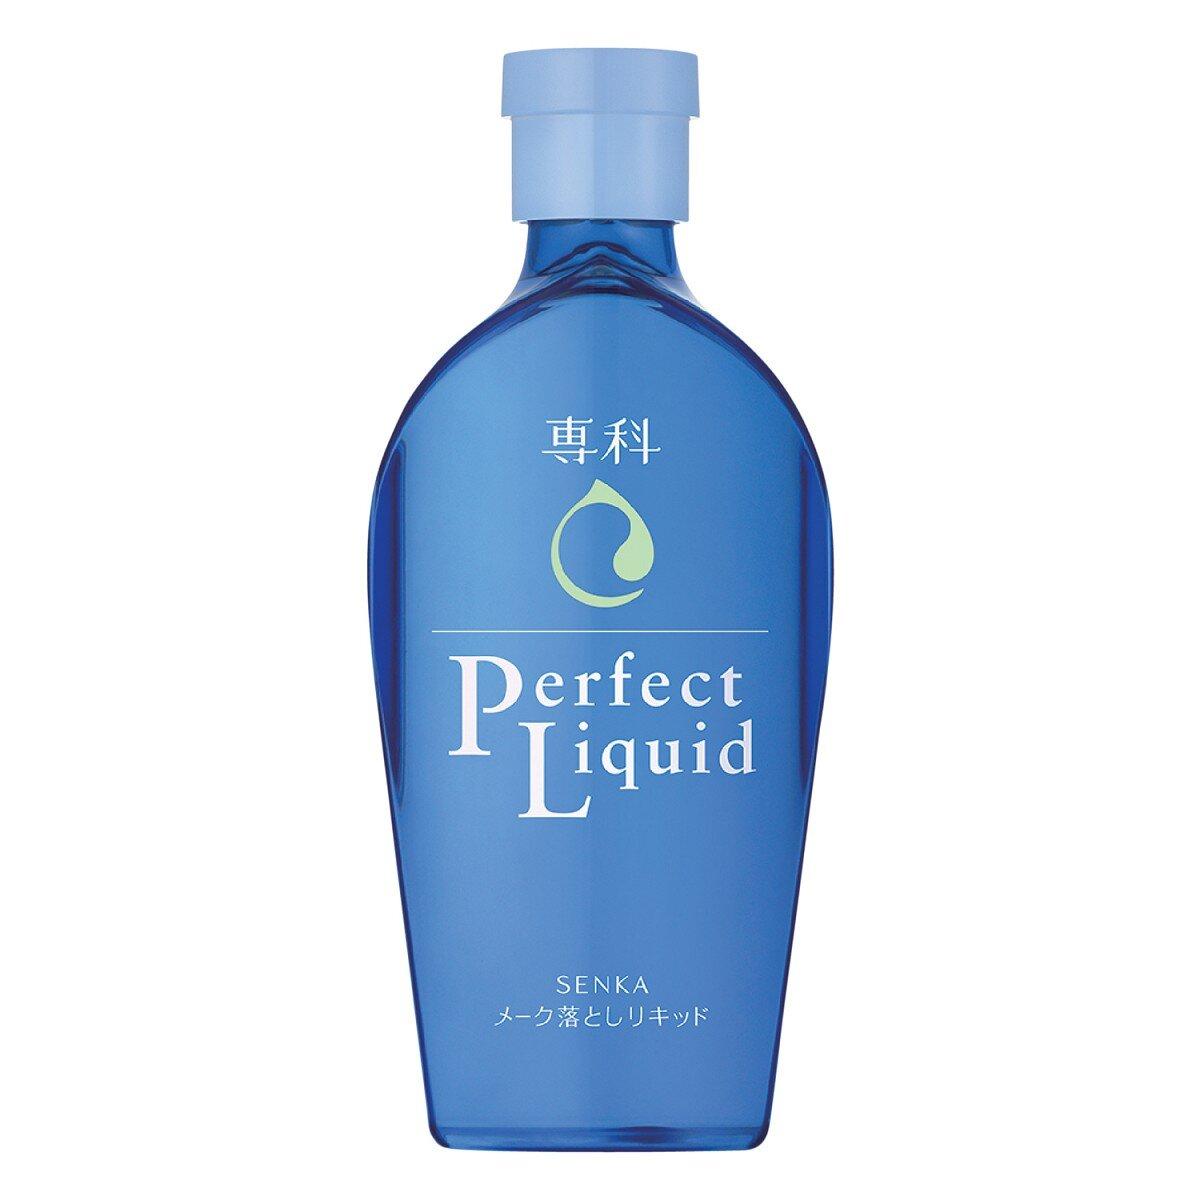 Dầu Tẩy Trang Dịu Nhẹ Dành Cho Da Khô Senka Perfect Liquid 230ml